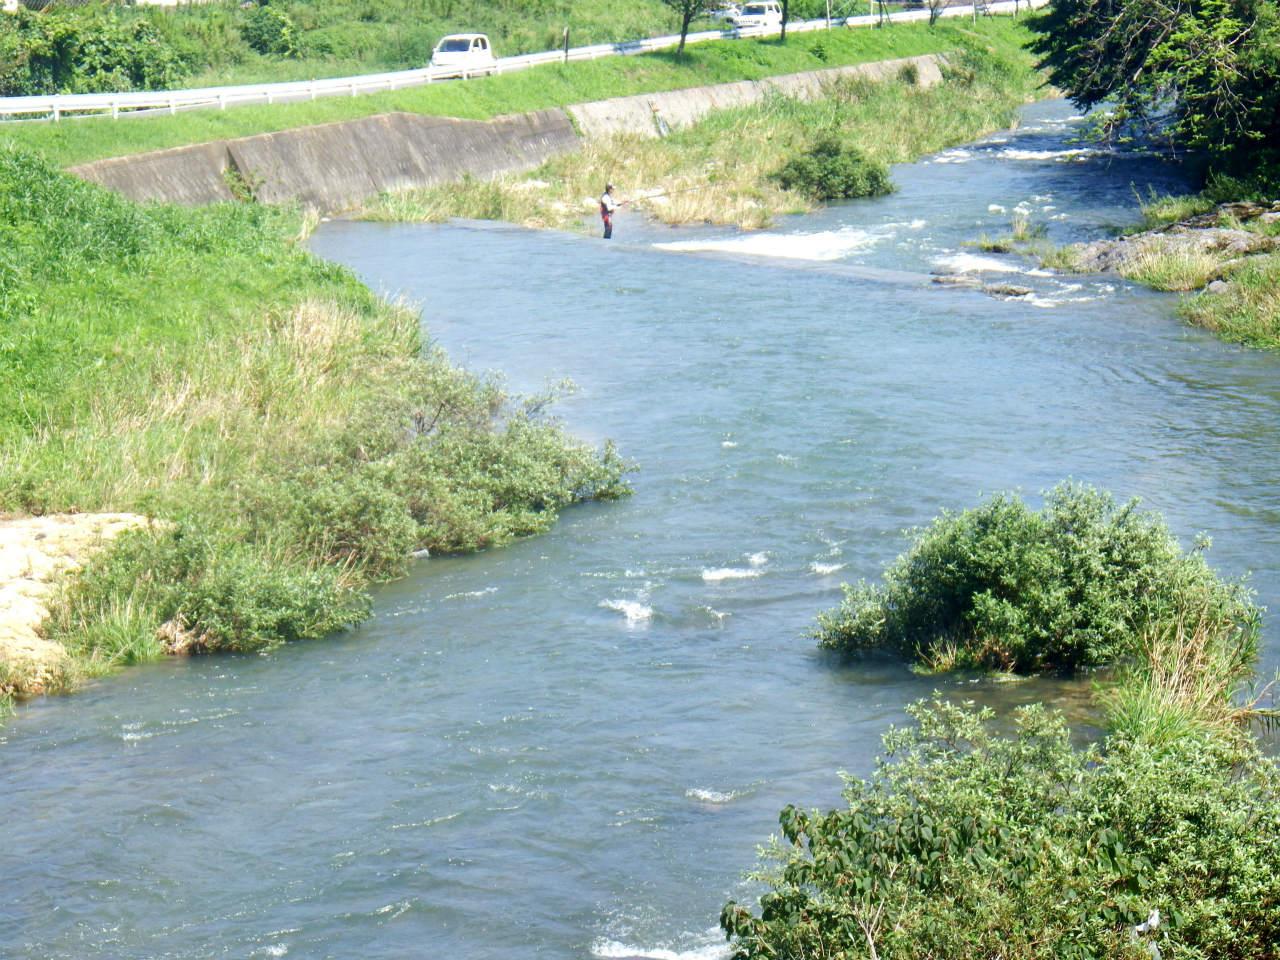 28b 伊沢川の生谷橋下流